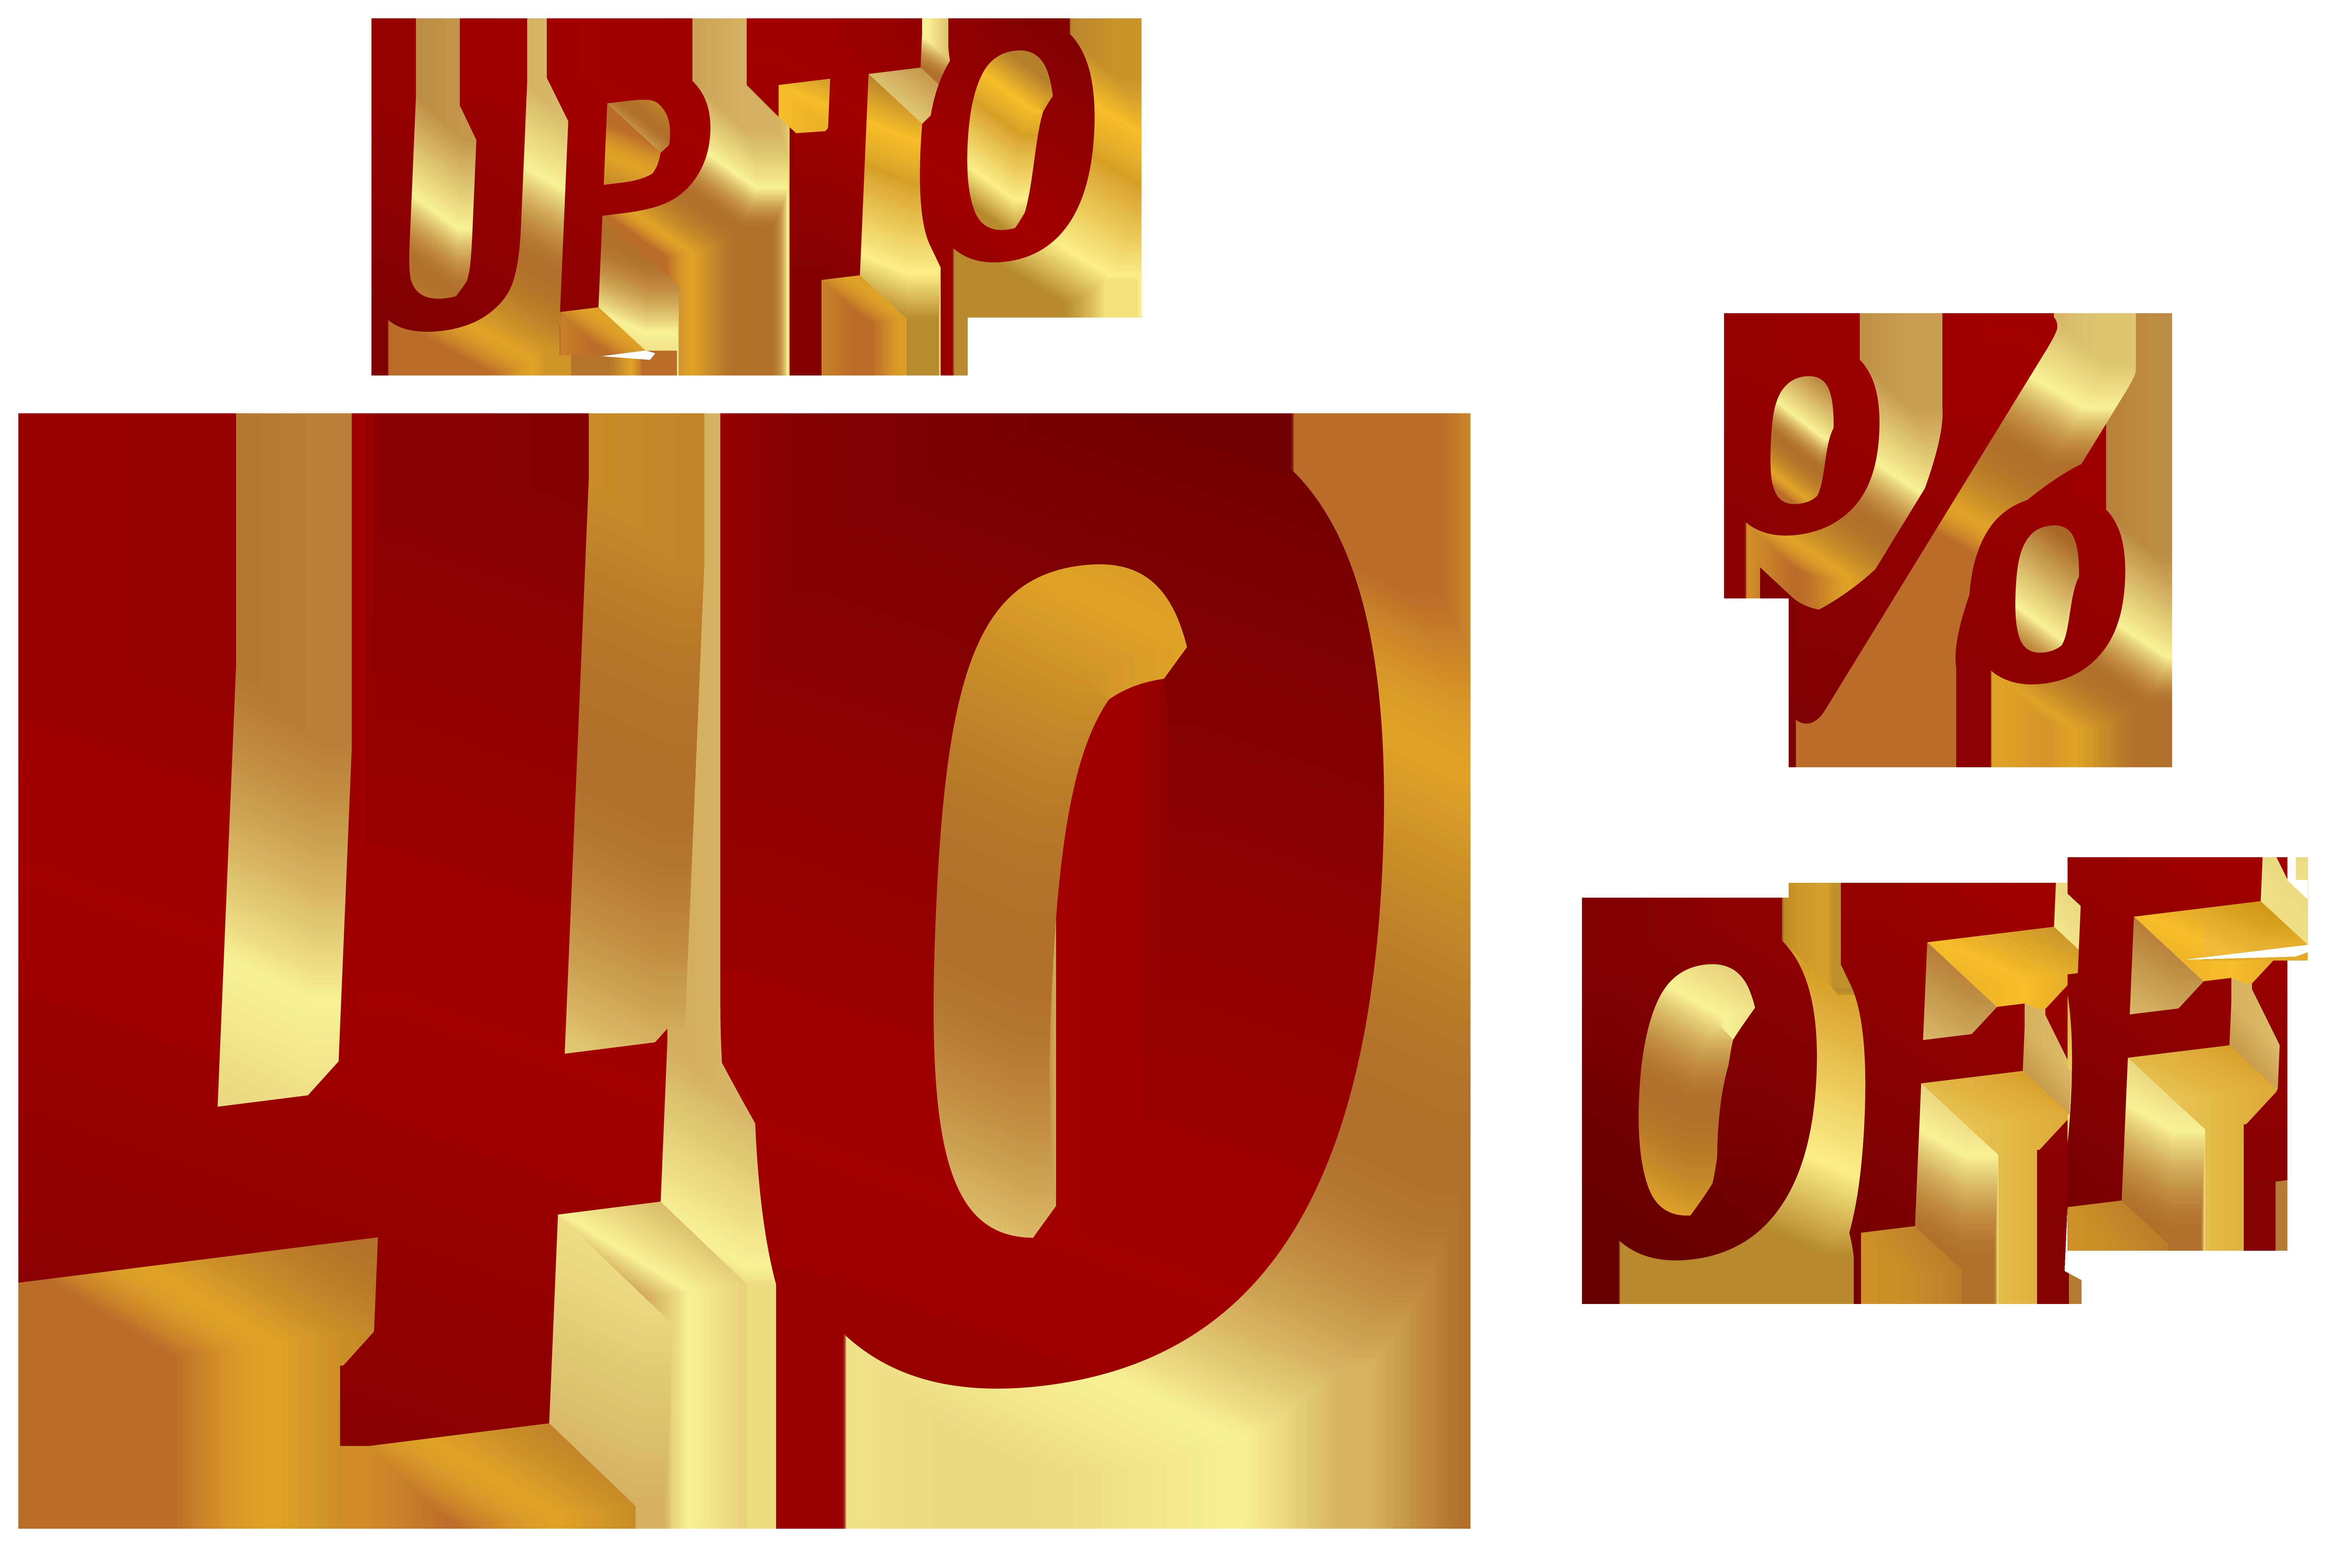 40 Percent Discount Clip Art Image.